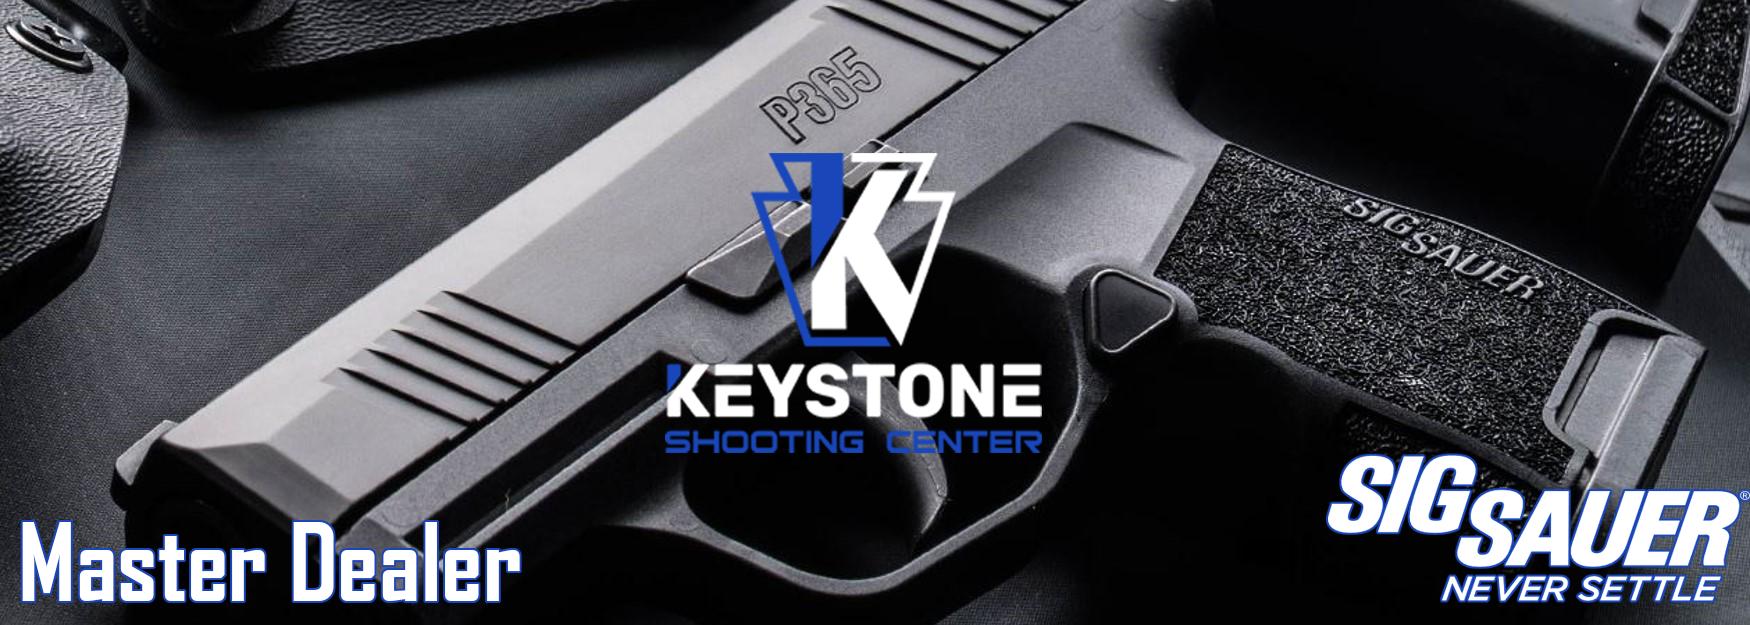 https://shop.keystoneshootingcenter.com/search?q=sig+sauer&sort=